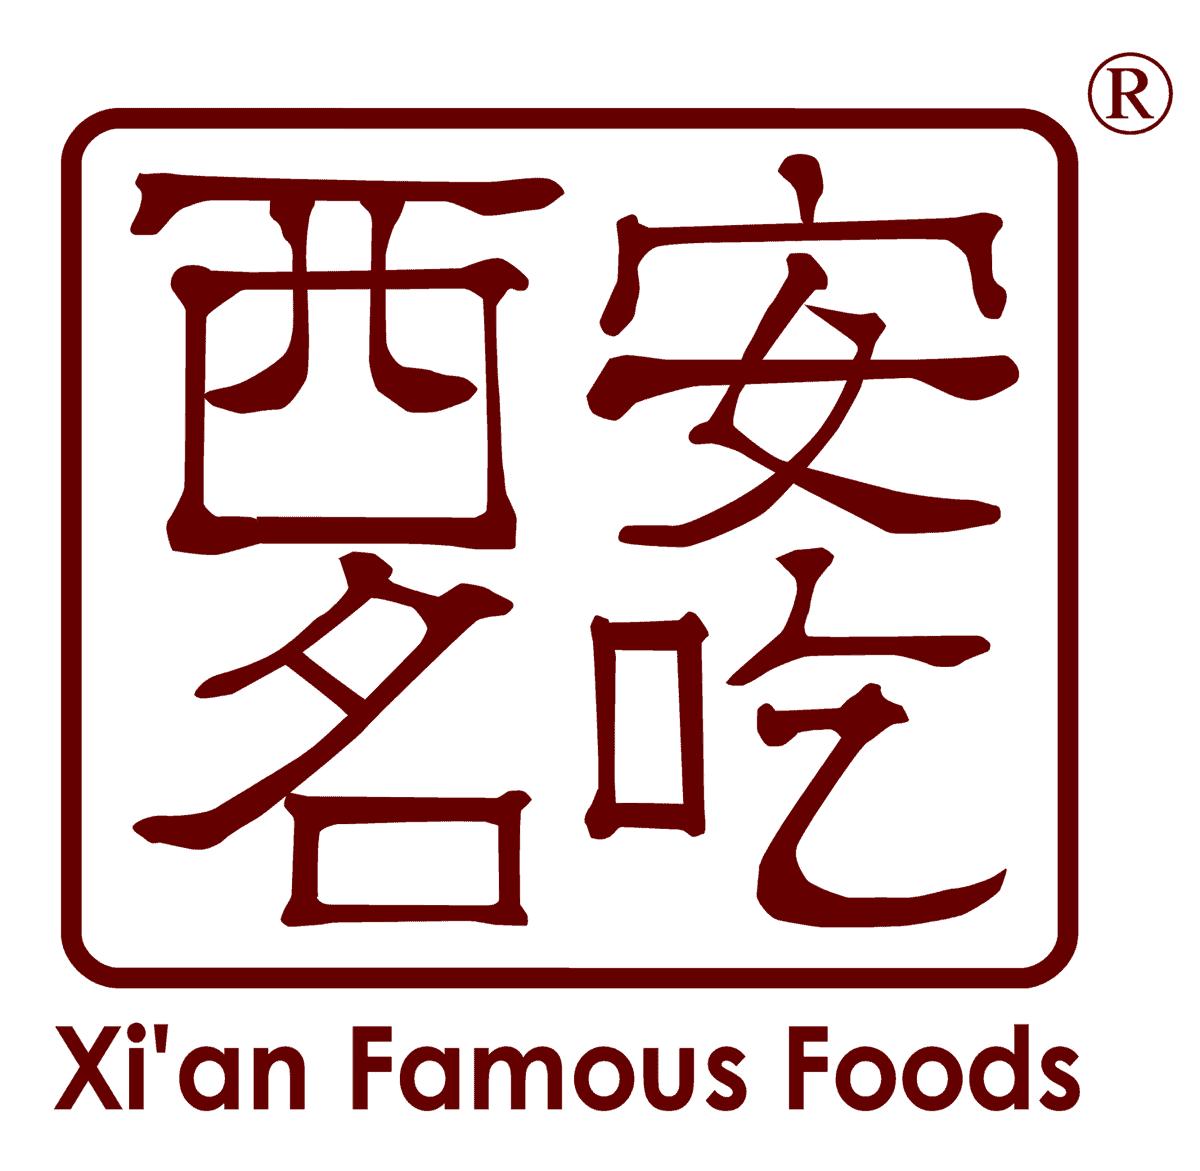 Xian_famous_foods_logo